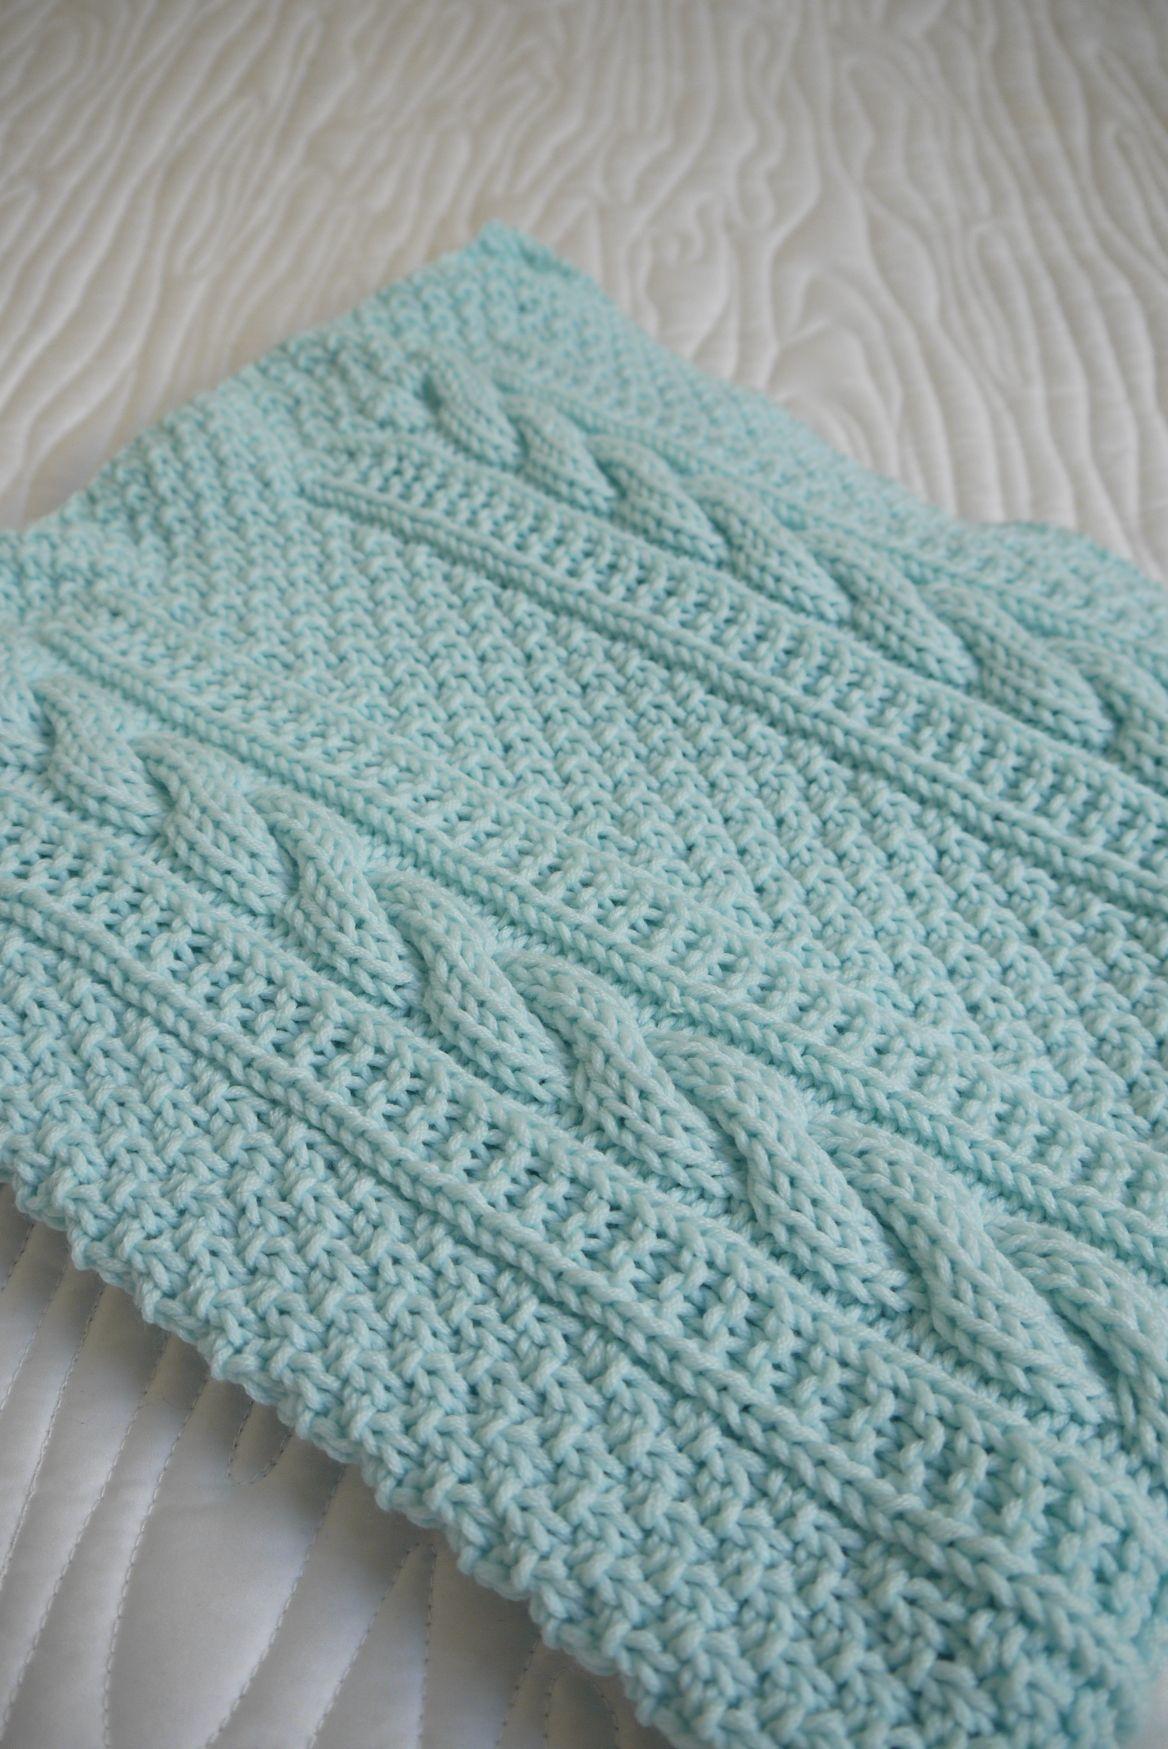 Baby Blanket | Babydecken, Stricken und Häkelmuster